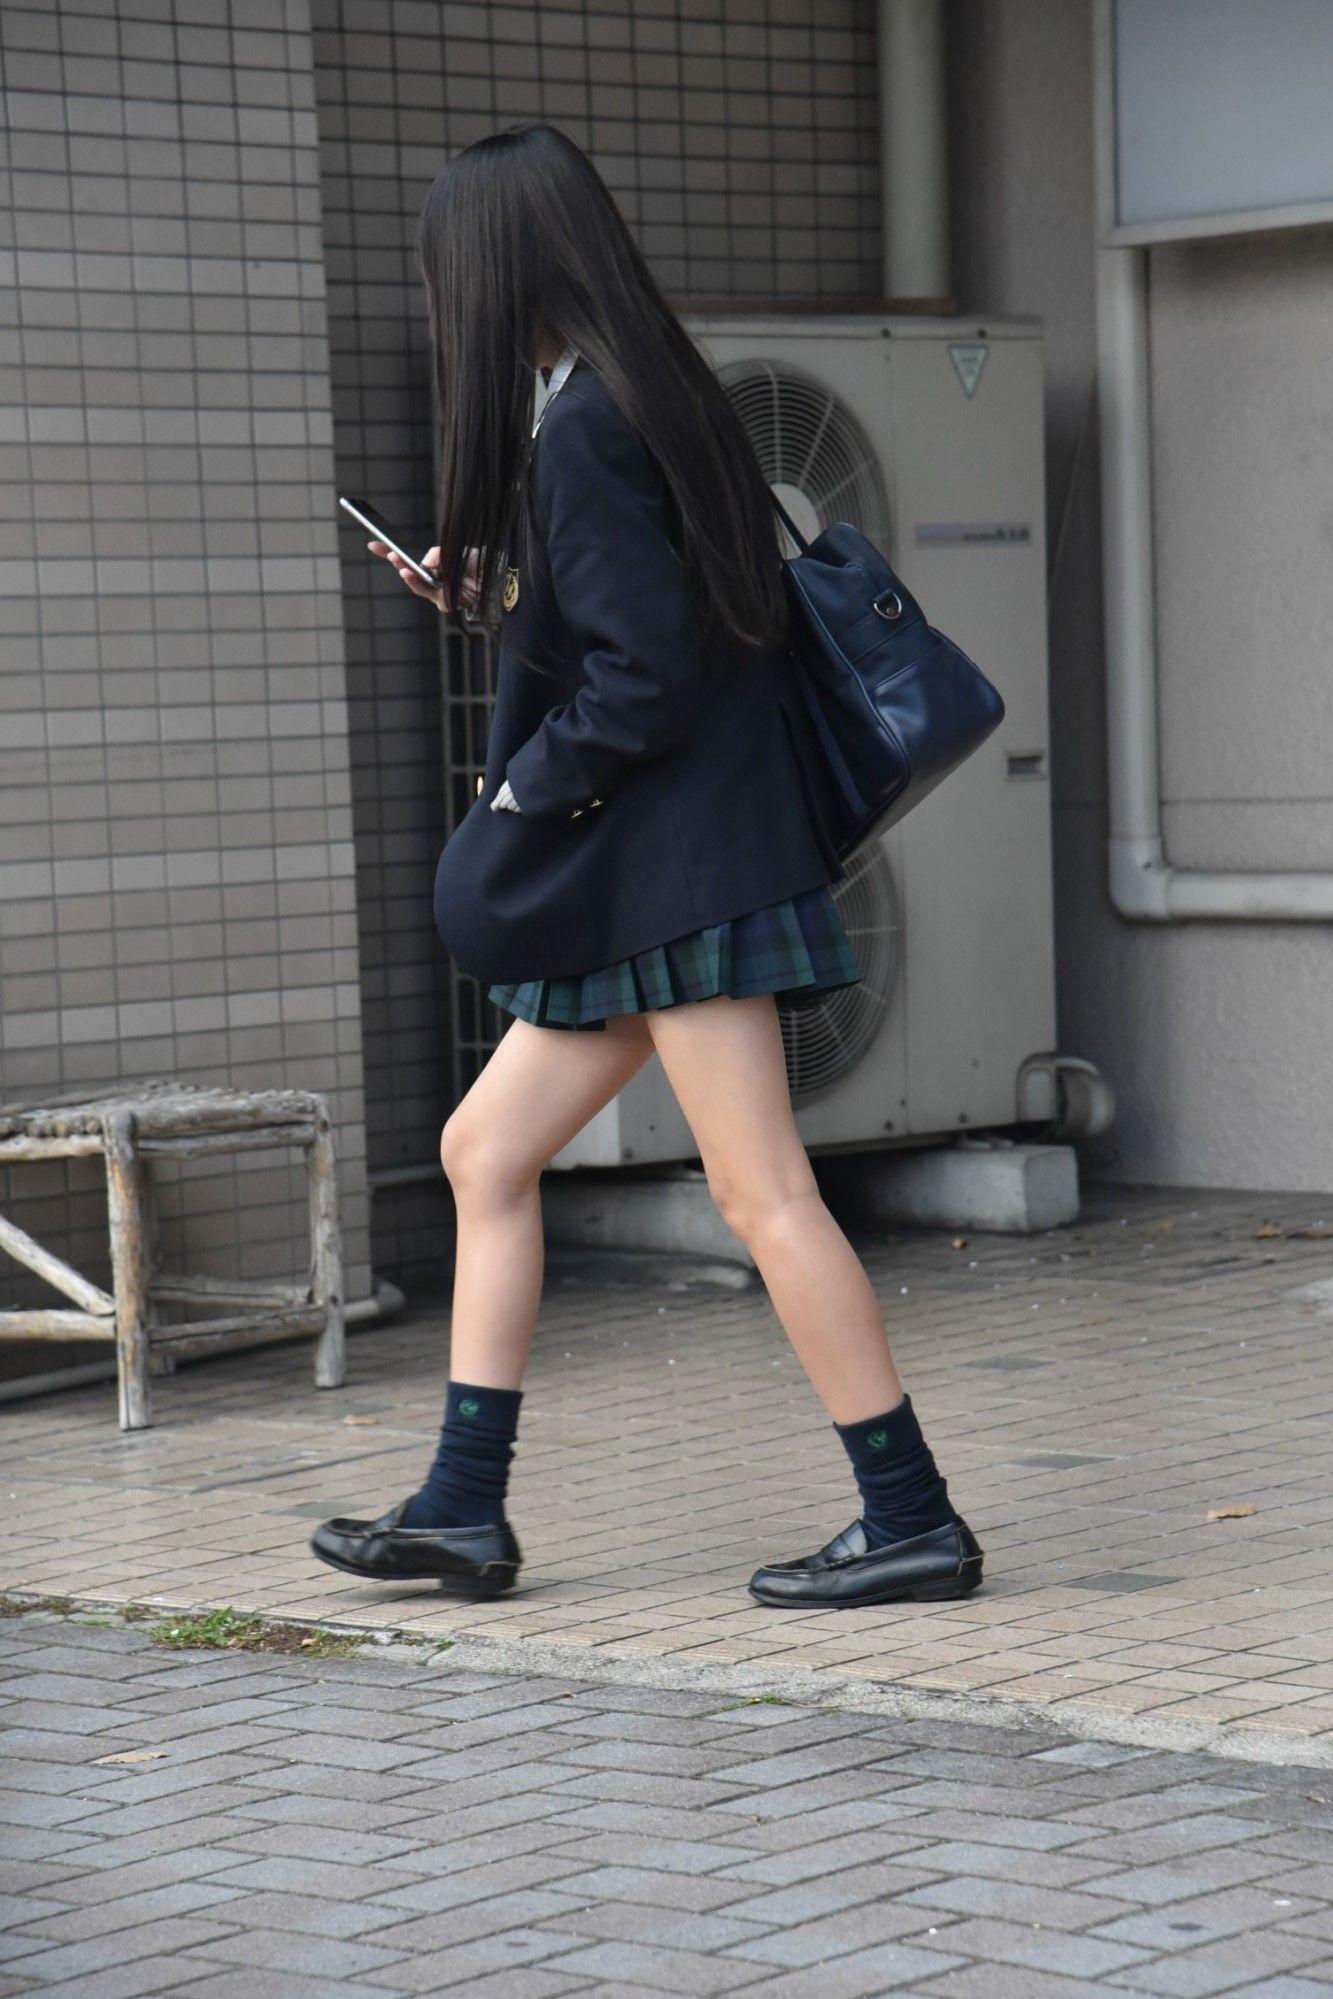 【画像】街撮り女子高生のうちら最強感wwww